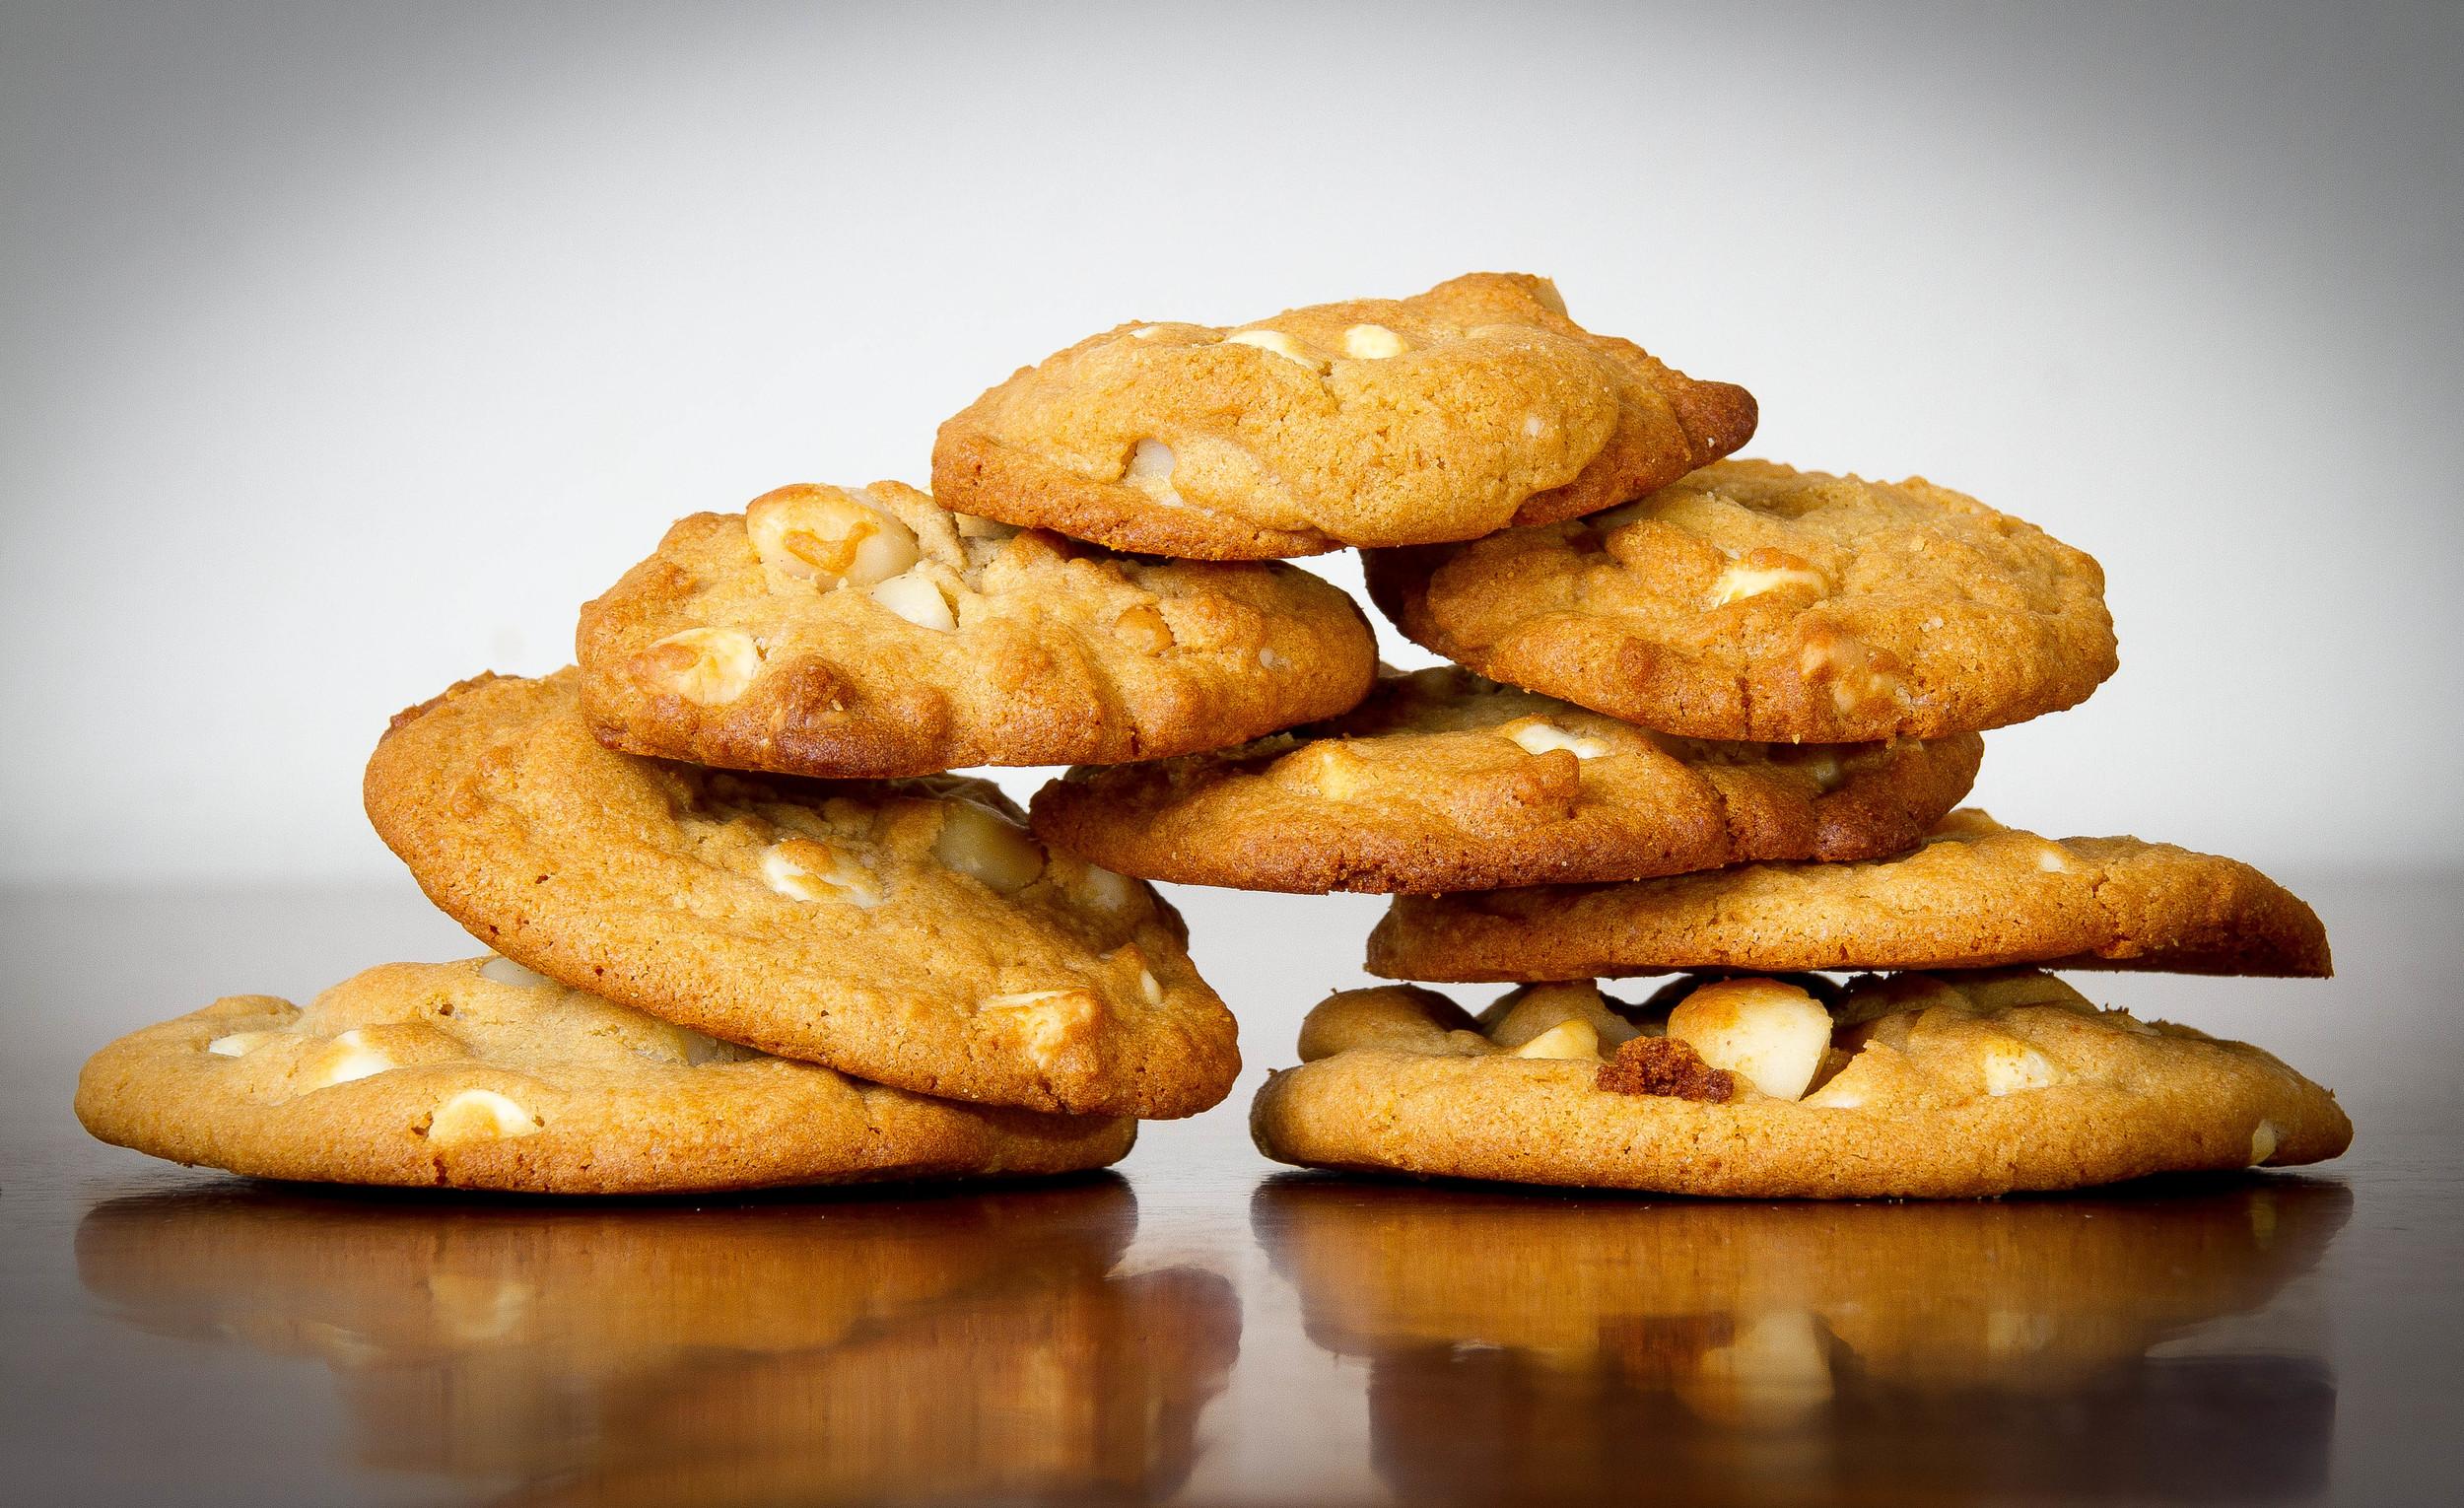 Mt. Cookie